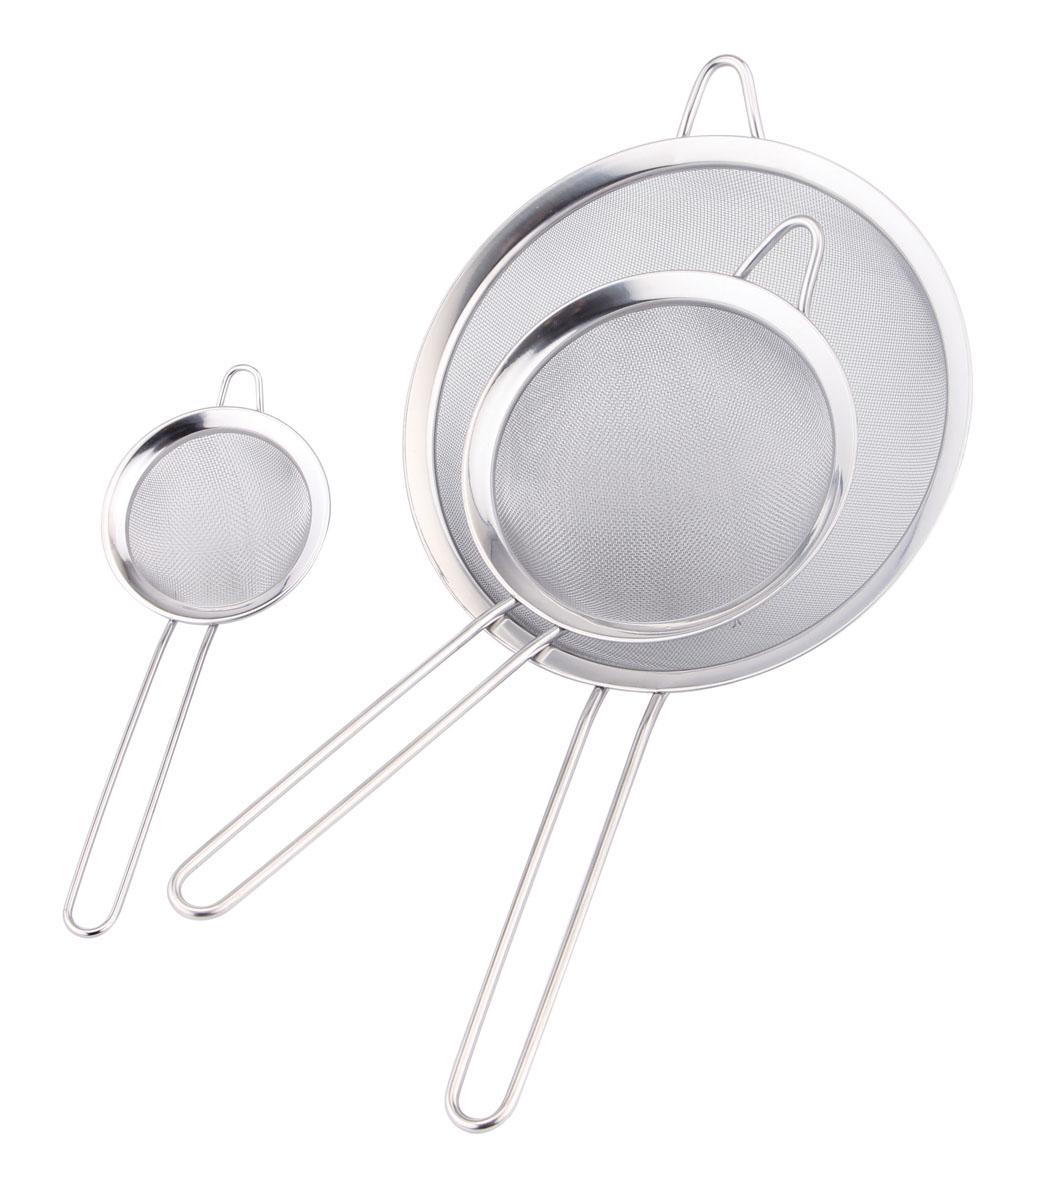 Набор сит Bekker Koch, 3 шт. BK-9213BK-9213Набор Bekker Koch, выполненный из высококачественной нержавеющей стали, содержит 3 сита. Набор станет незаменимым атрибутом на вашей кухне. Удобная ручка-пруток не позволит выскользнуть ситу из вашей руки. Прочная стальная сетка и корпус обеспечивают изделиям износостойкость и долговечность. Предметы набора оснащены специальными ушками, за которые их можно подвесить в любом месте. Такие сита помогут вам процедить или просеять продукты и станут достойным дополнением к кухонному инвентарю. Можно мыть в посудомоечной машине.